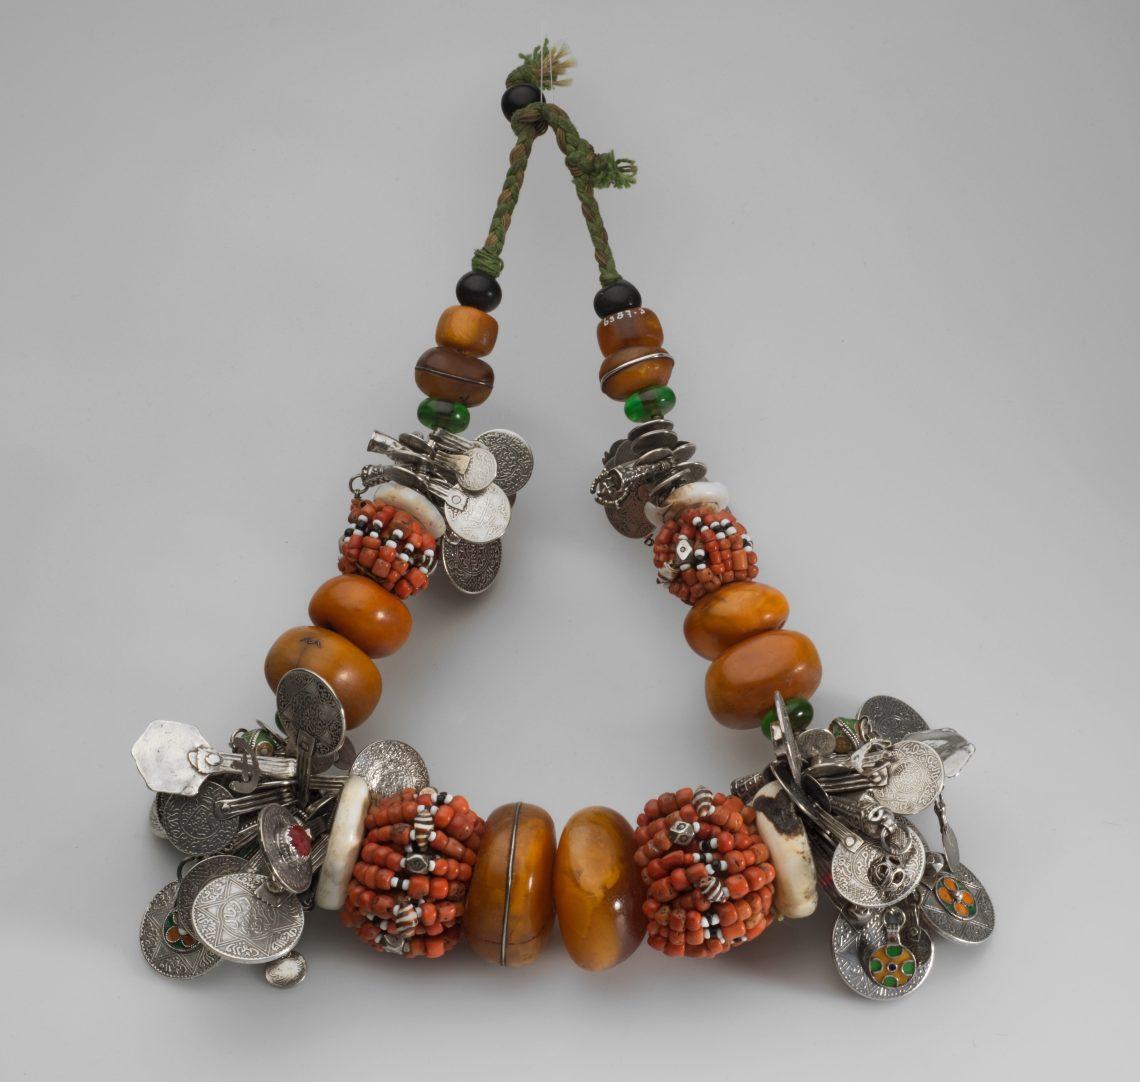 Halssieraad met kralen en muntenhangers. Foto met dank aan Museum Volkenkunde©